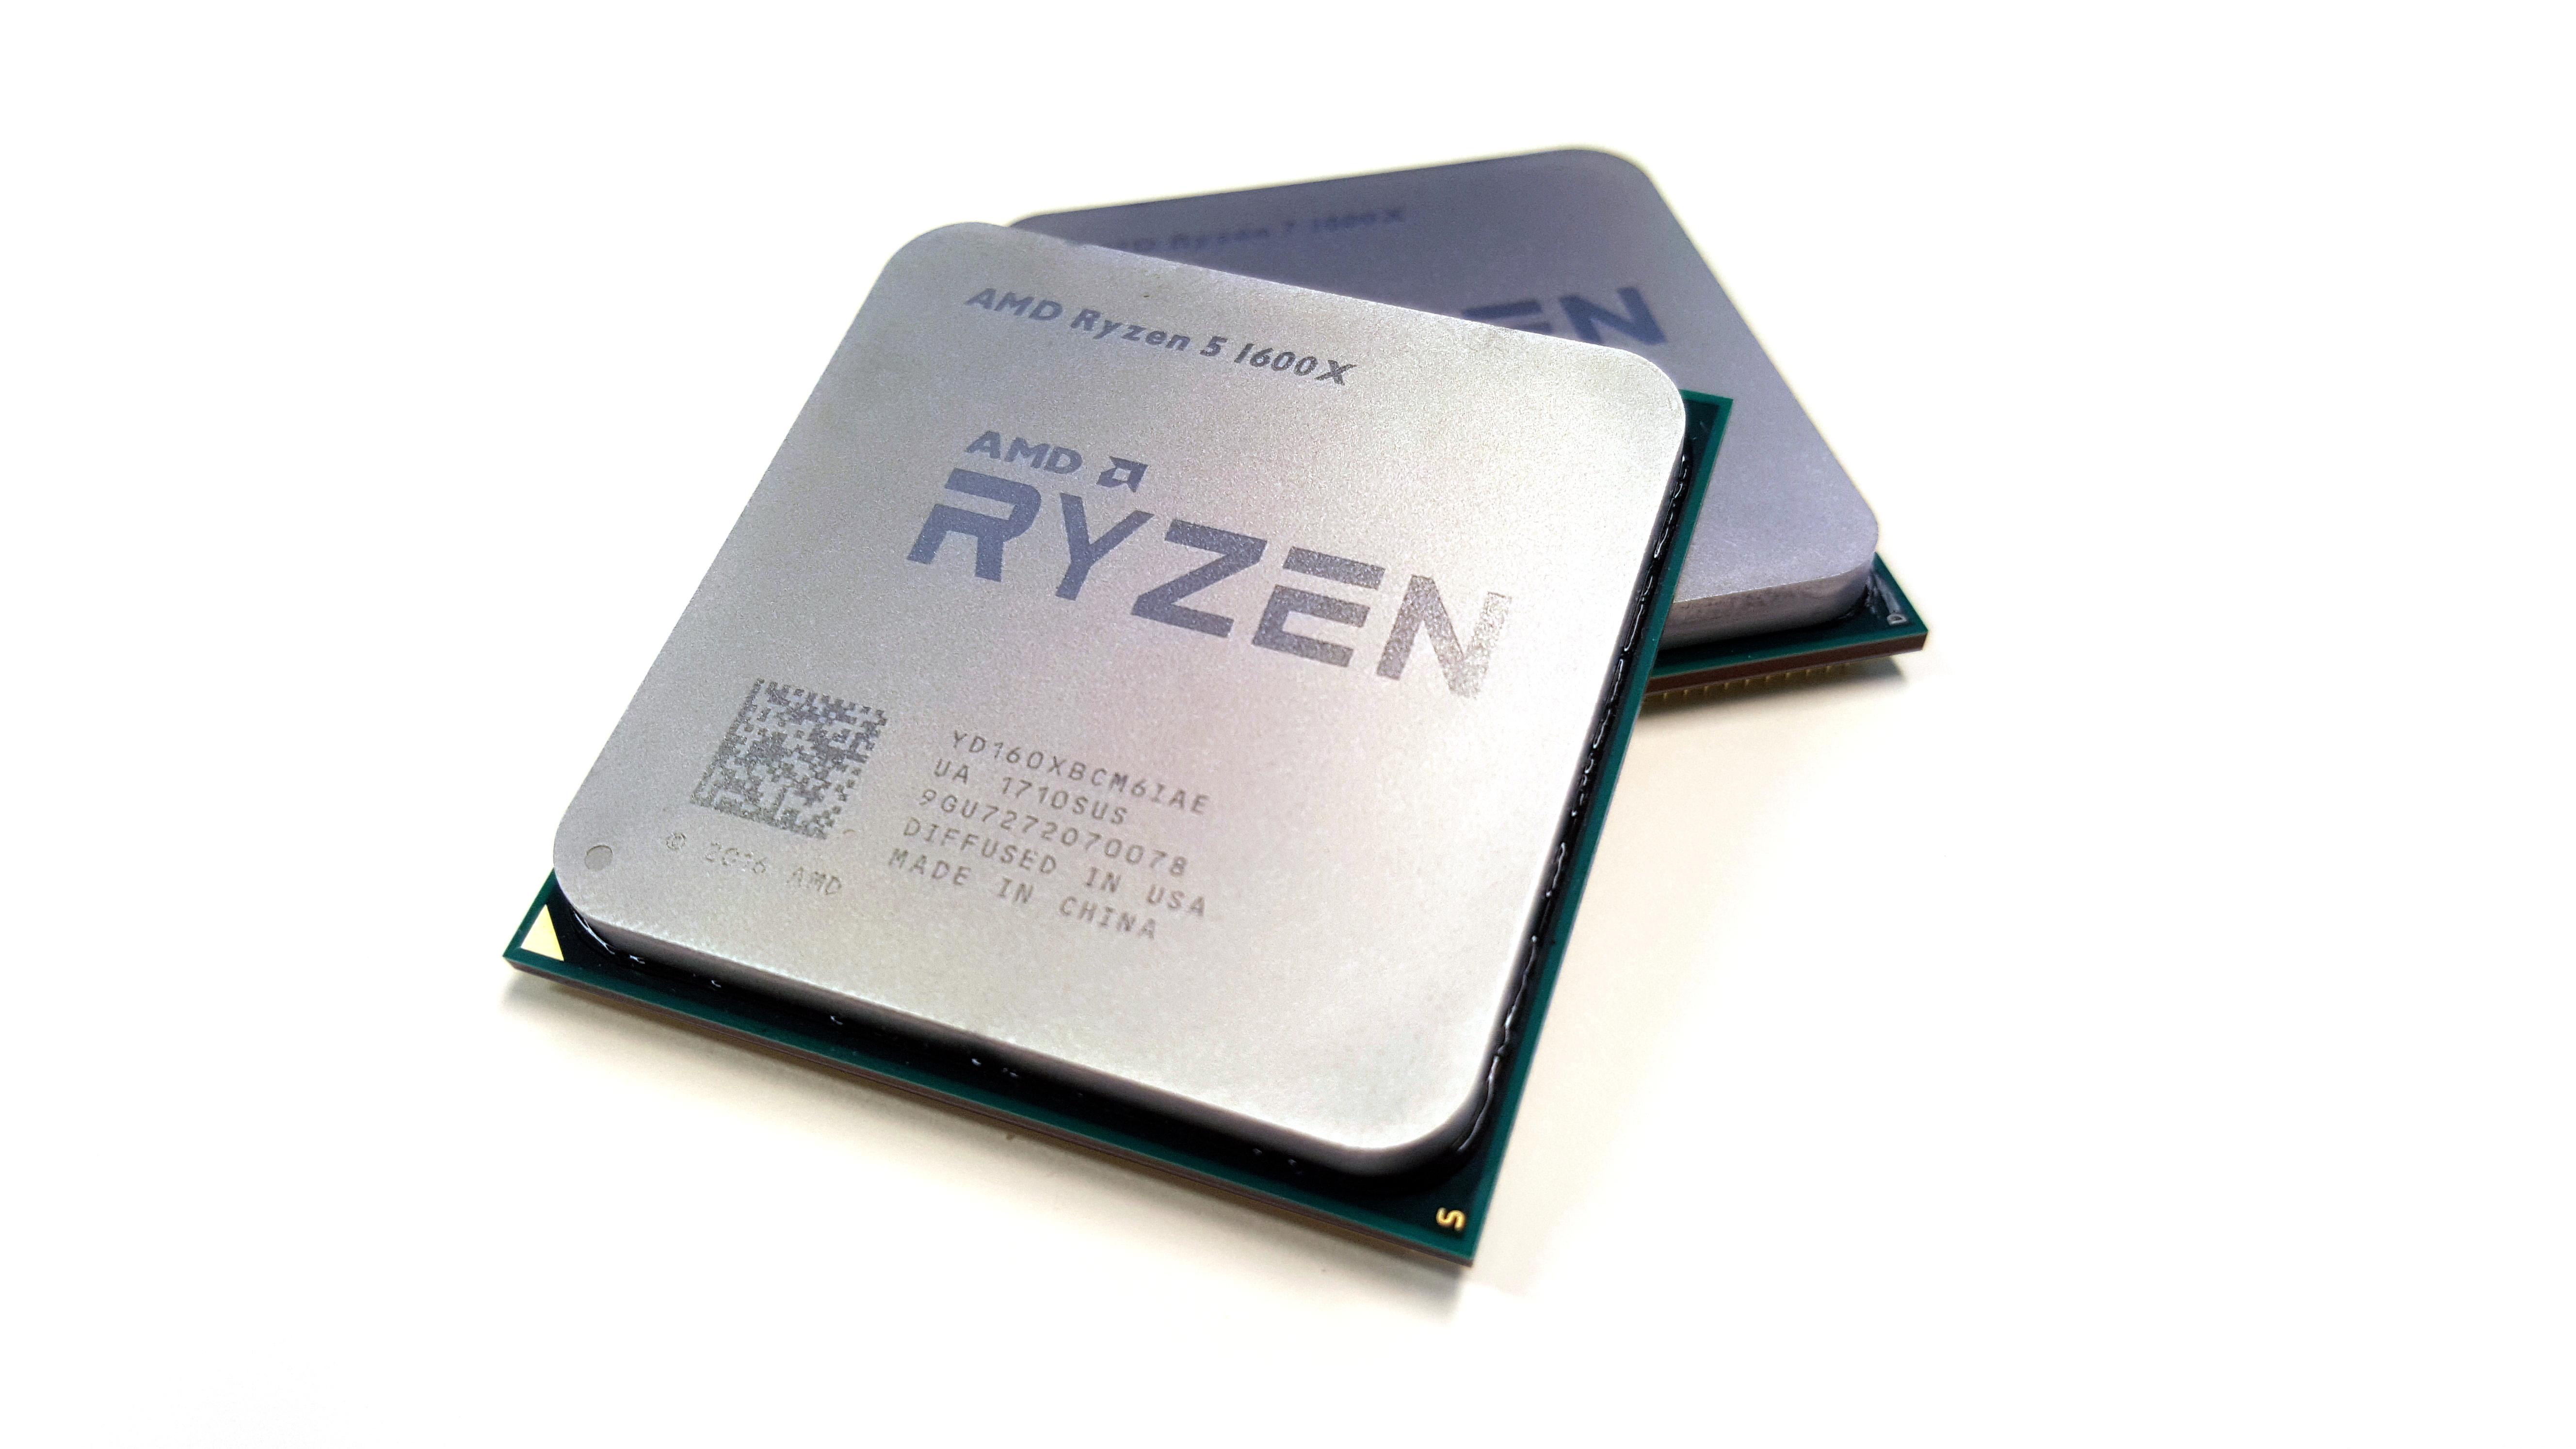 AMD Ryzen 5 1600X verdict